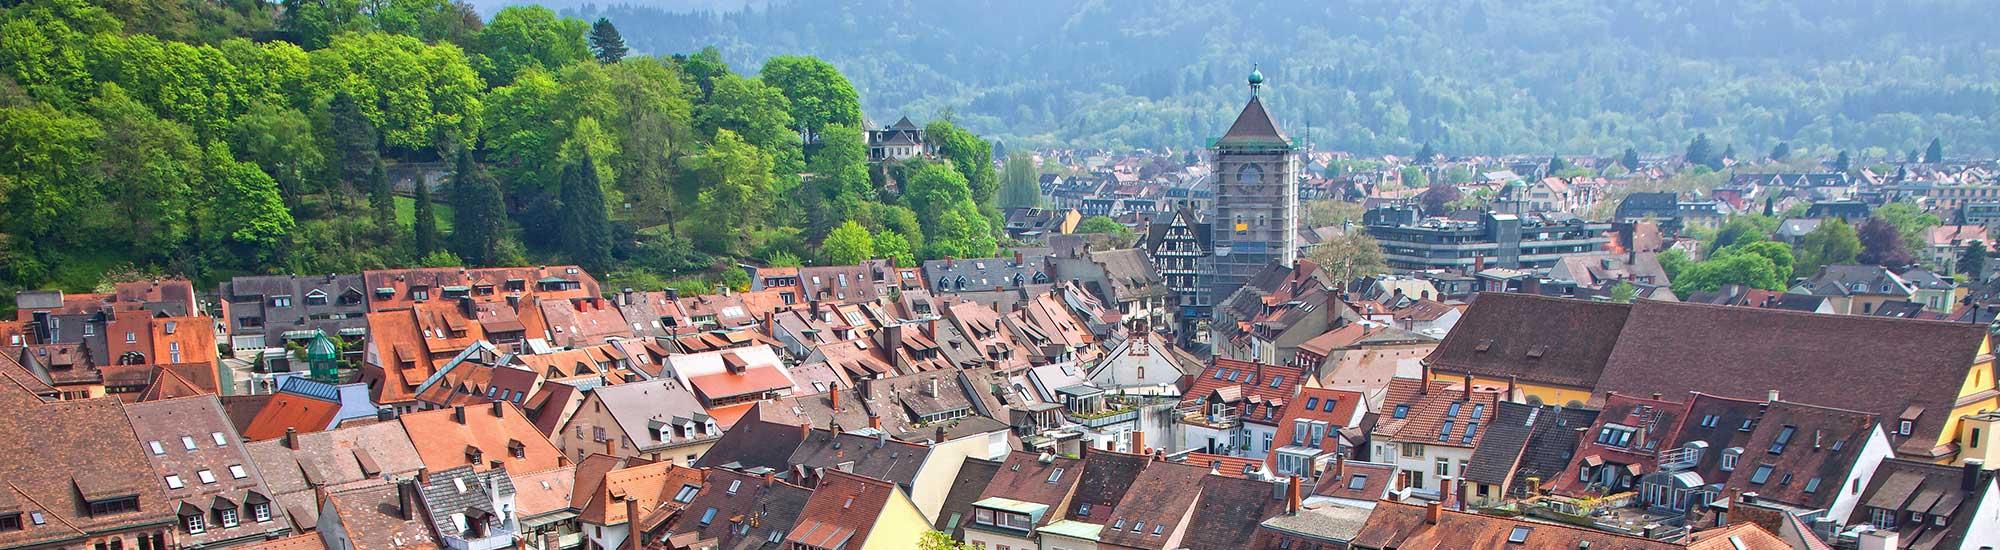 Über den Dächern von Freiburg im Breisgau